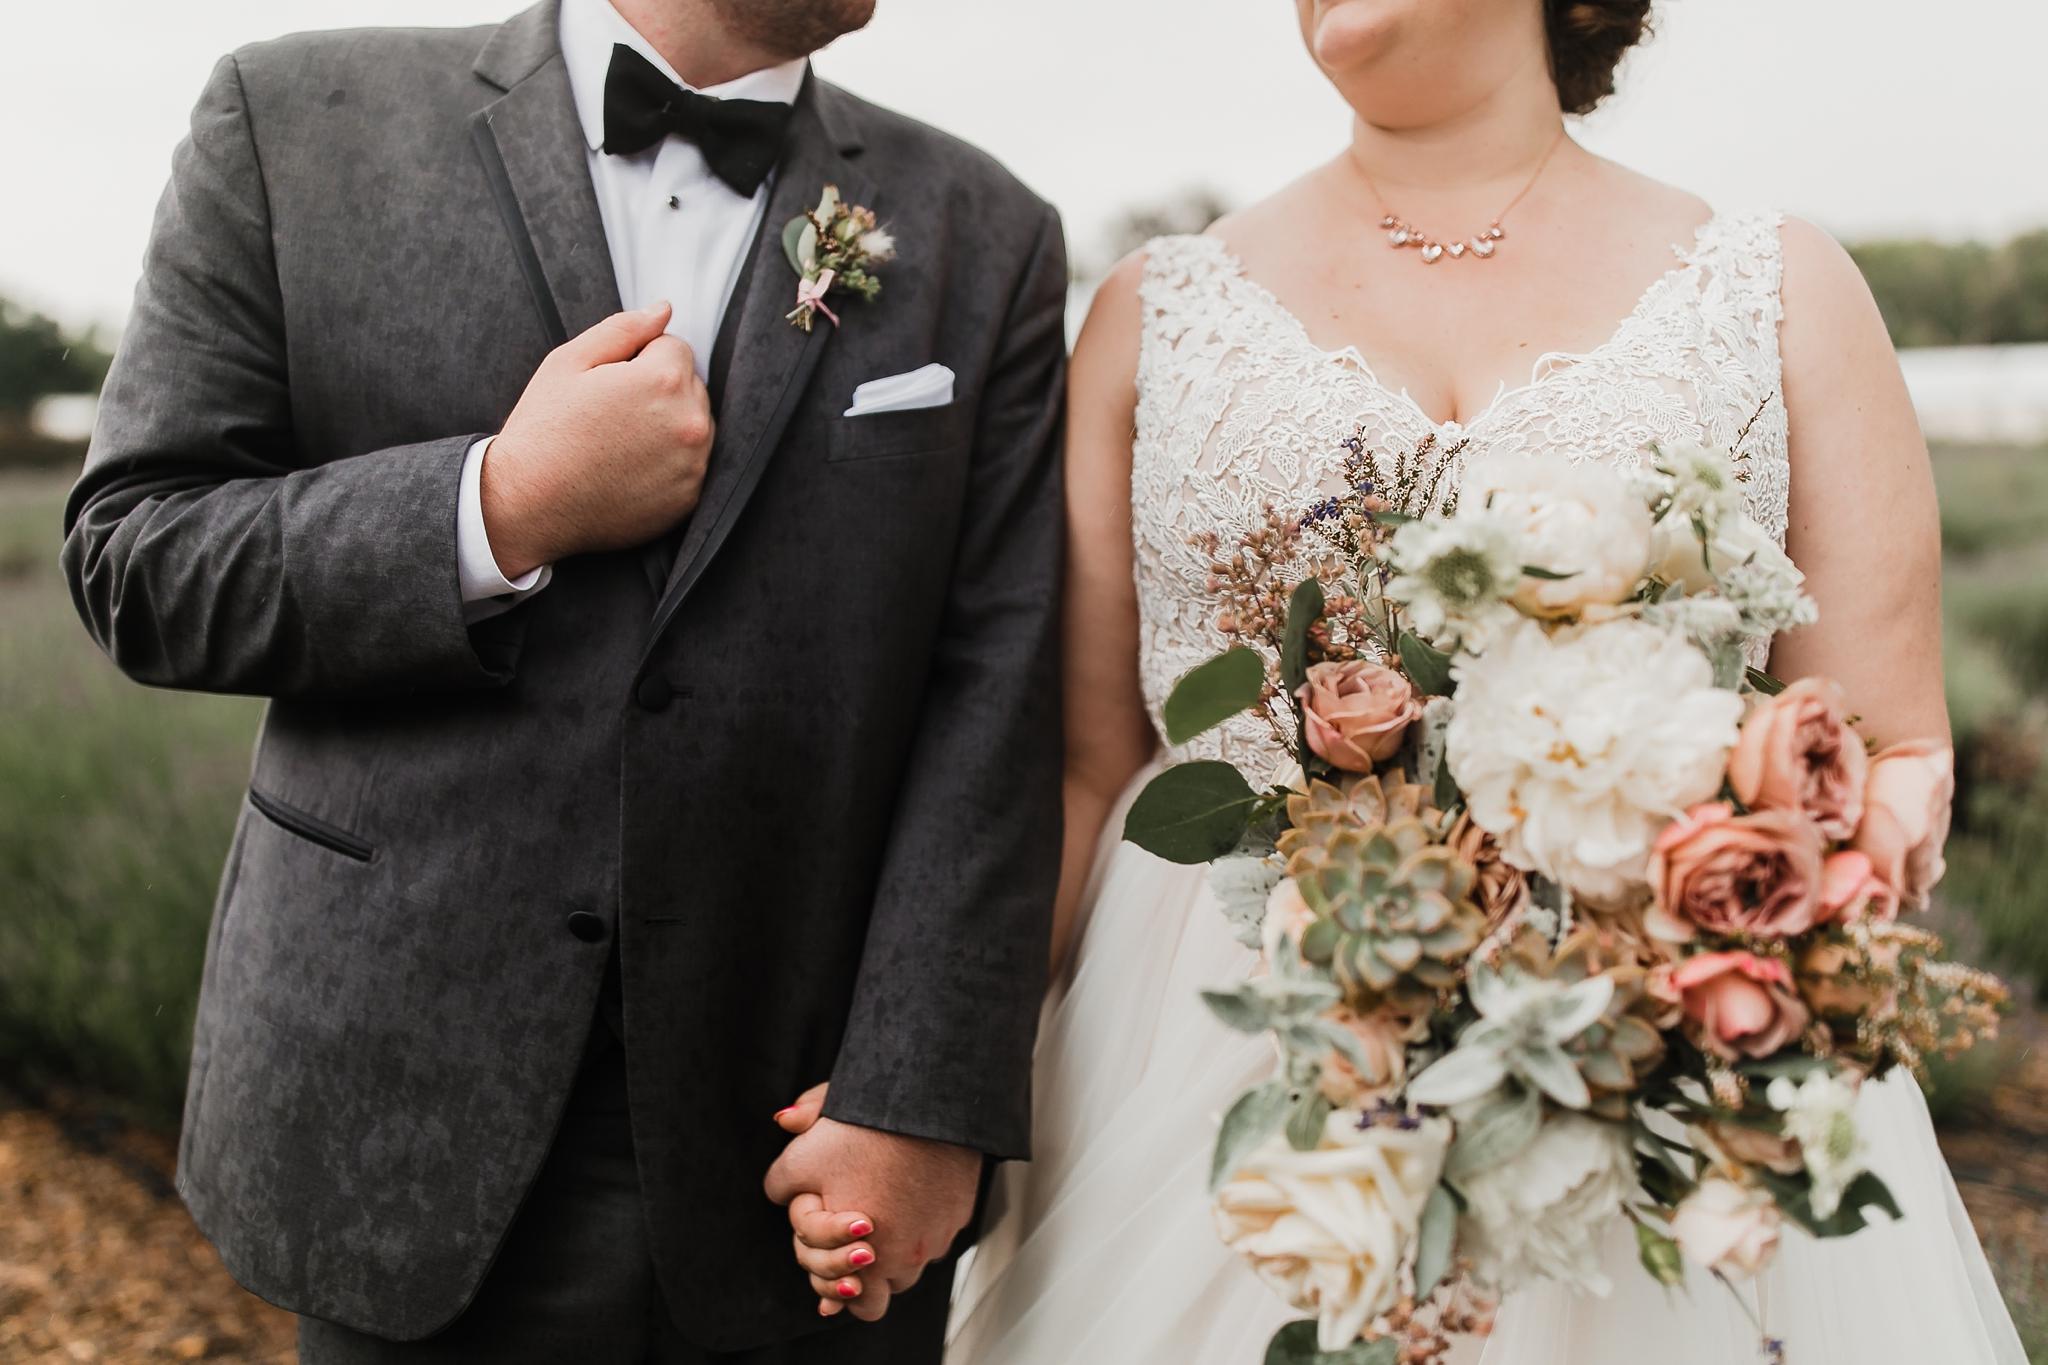 Alicia+lucia+photography+-+albuquerque+wedding+photographer+-+santa+fe+wedding+photography+-+new+mexico+wedding+photographer+-+new+mexico+wedding+-+summer+wedding+-+los+poblanos+wedding+-+albuquerque+wedding_0066.jpg